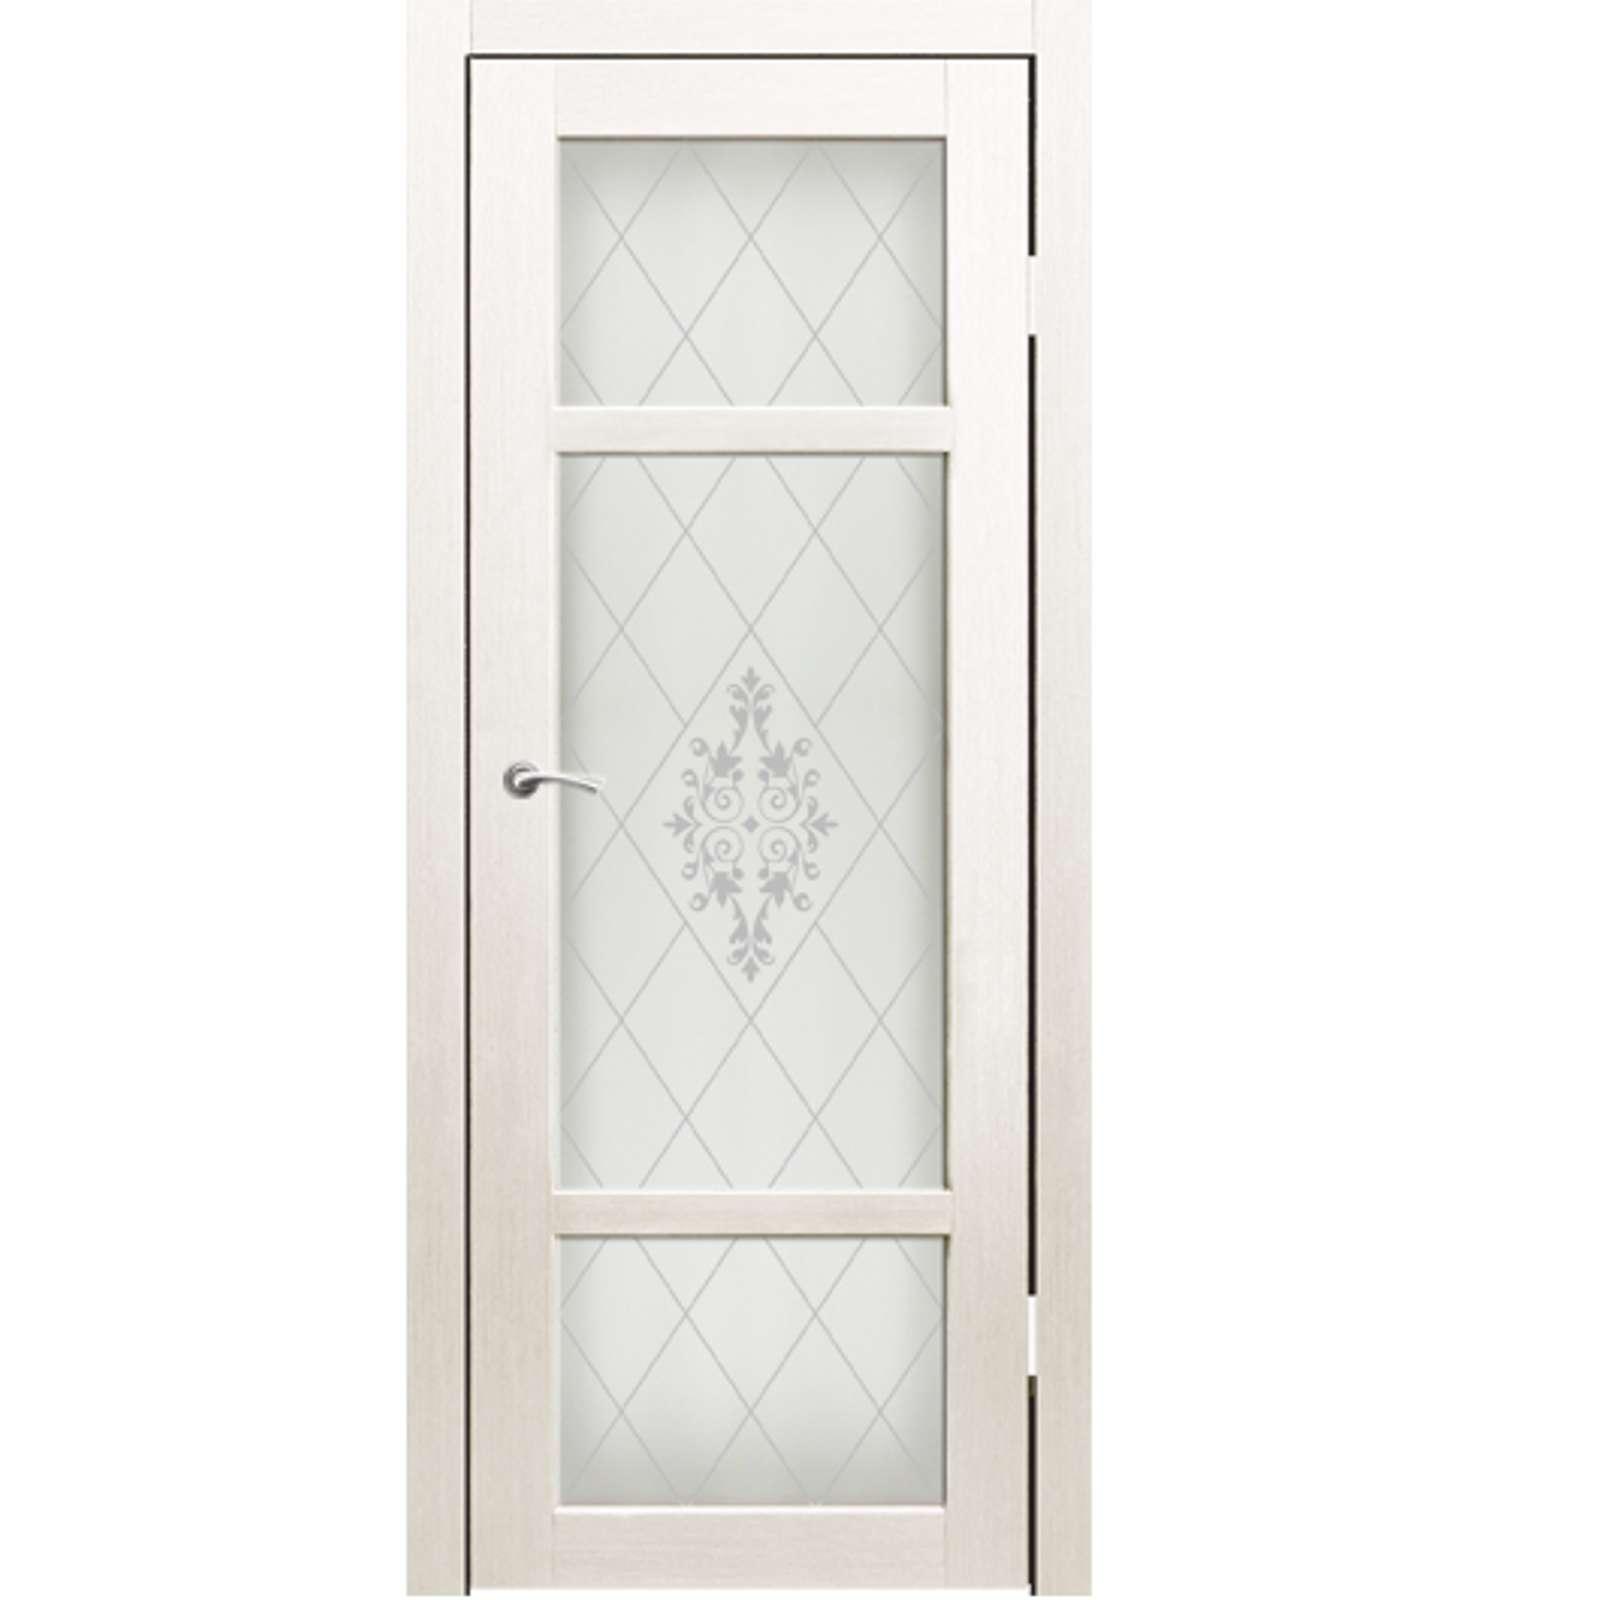 Полотно дверное остекленное Кьянти пескоструй №24 СИНЕРЖИ ясень белый ПВХ, ПДО 700х2000мм